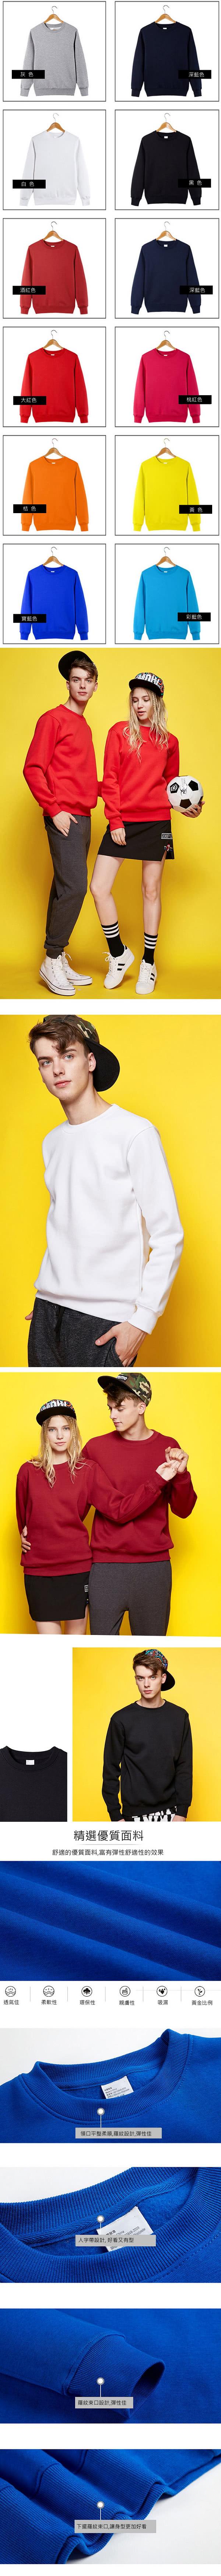 【男人幫】CH640 加厚情侶大學T素面刷毛圓領T恤保暖百搭加厚刷毛長袖大學T480克